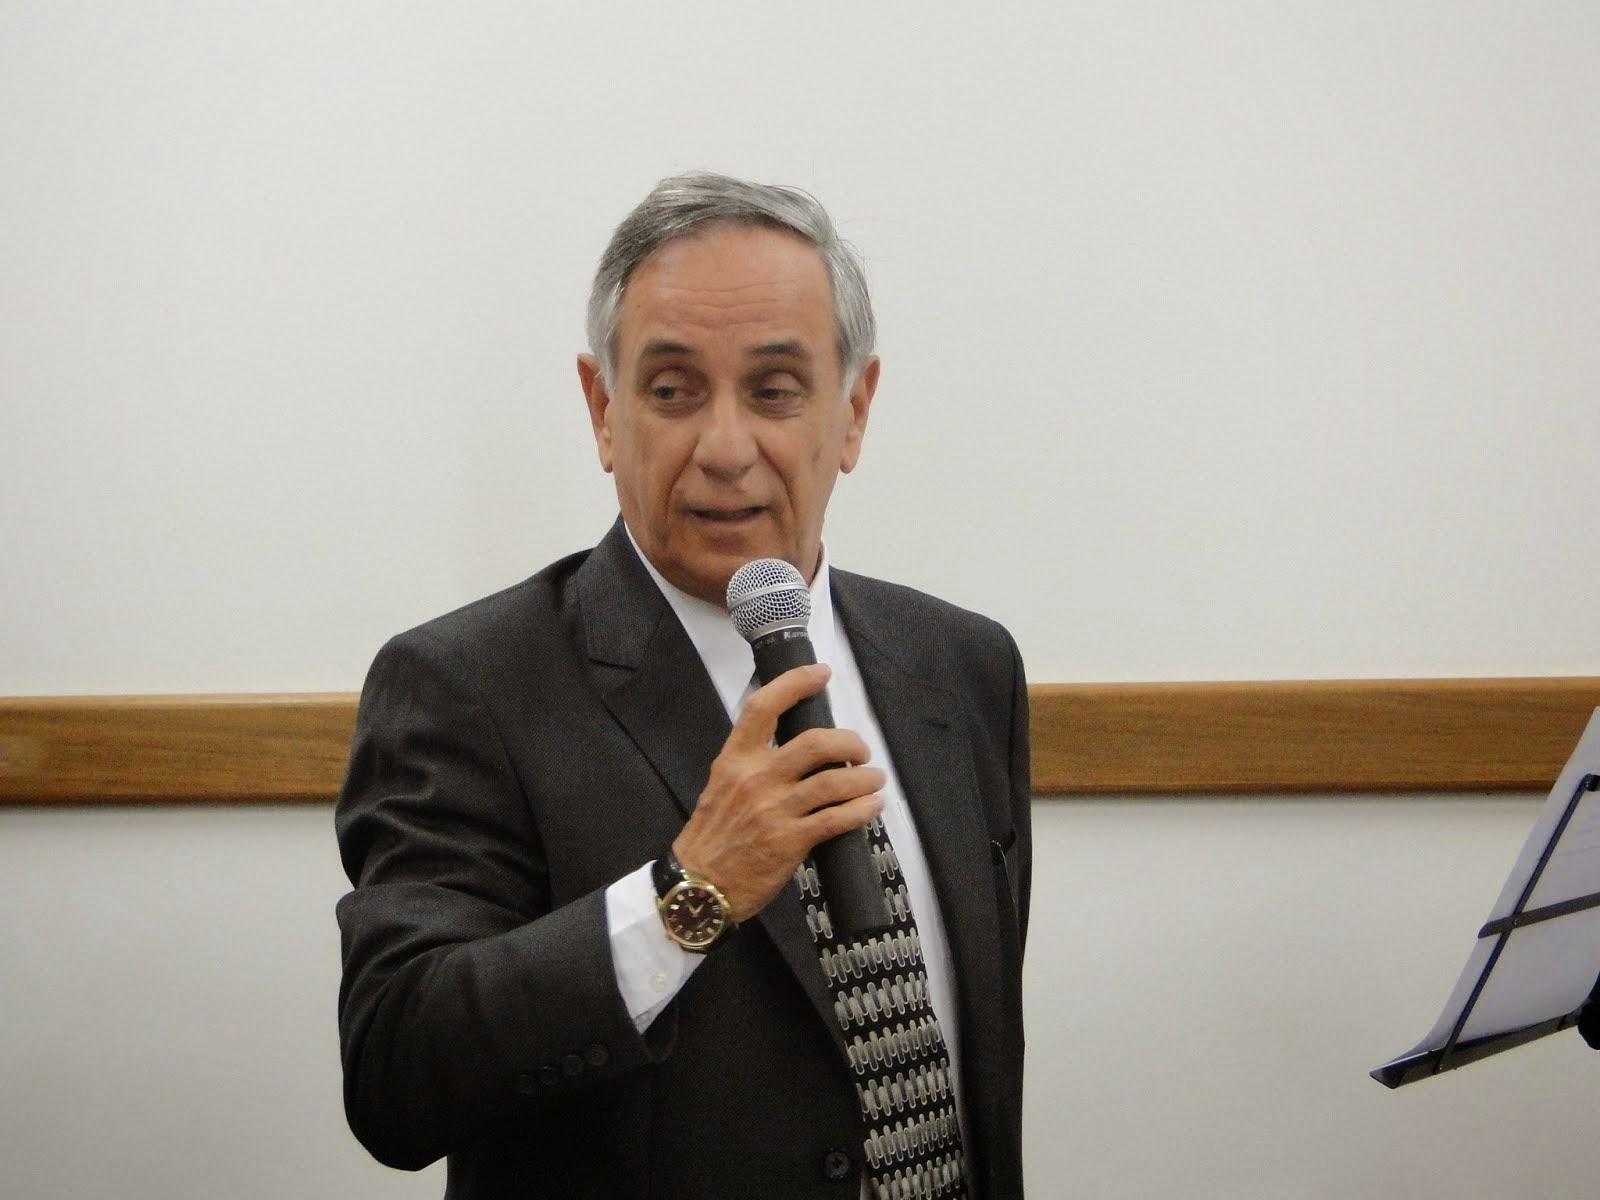 Coordenador do Departamento de Terapias Integrativas e Complementares da SOBRACID